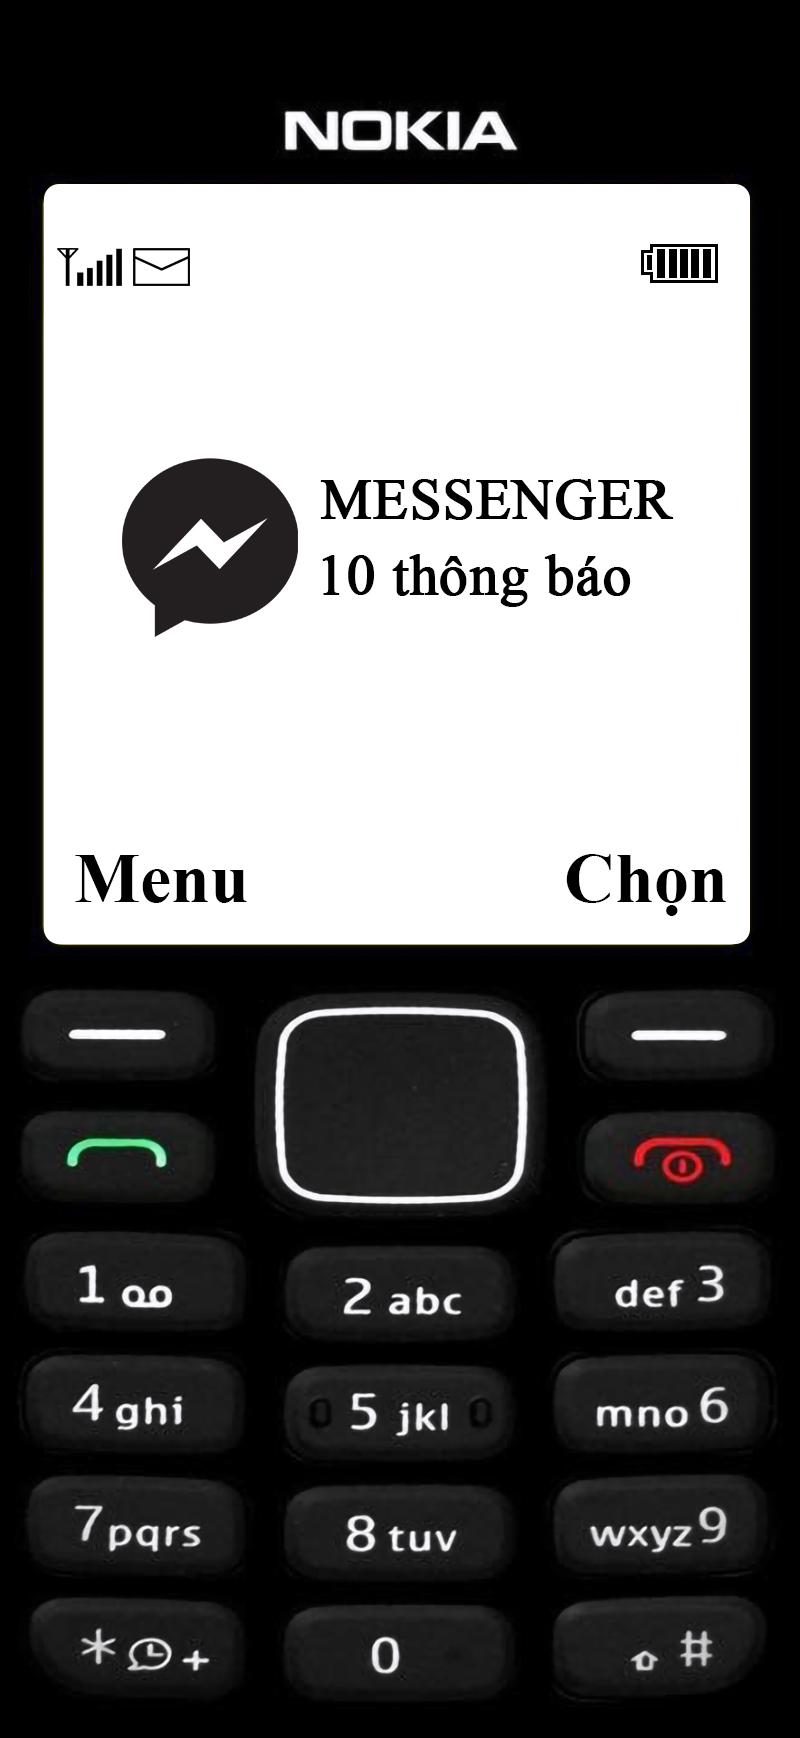 hinh nen dien thoai nokia 1280 logo messenger 3